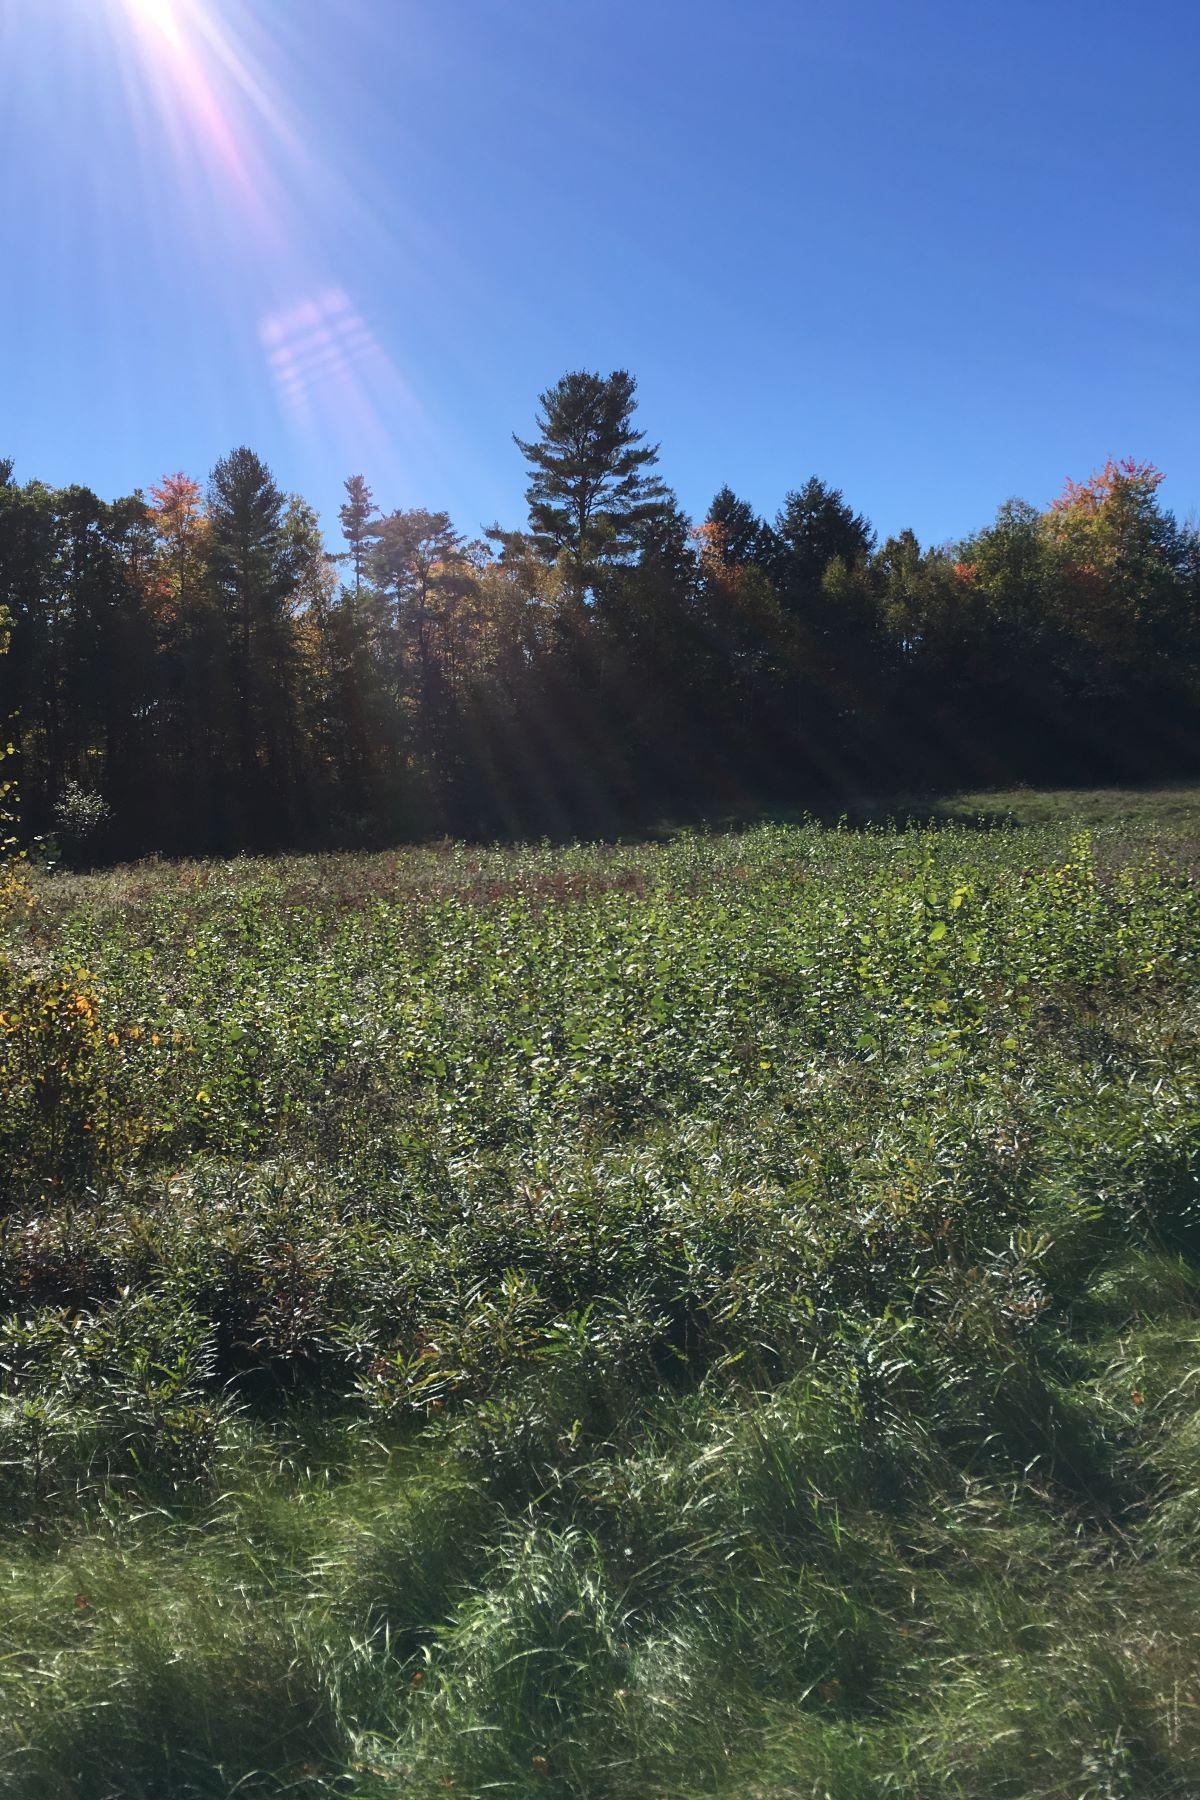 Terreno por un Venta en West Side Drive, Haverhill West Side Dr Haverhill, Nueva Hampshire 03774 Estados Unidos